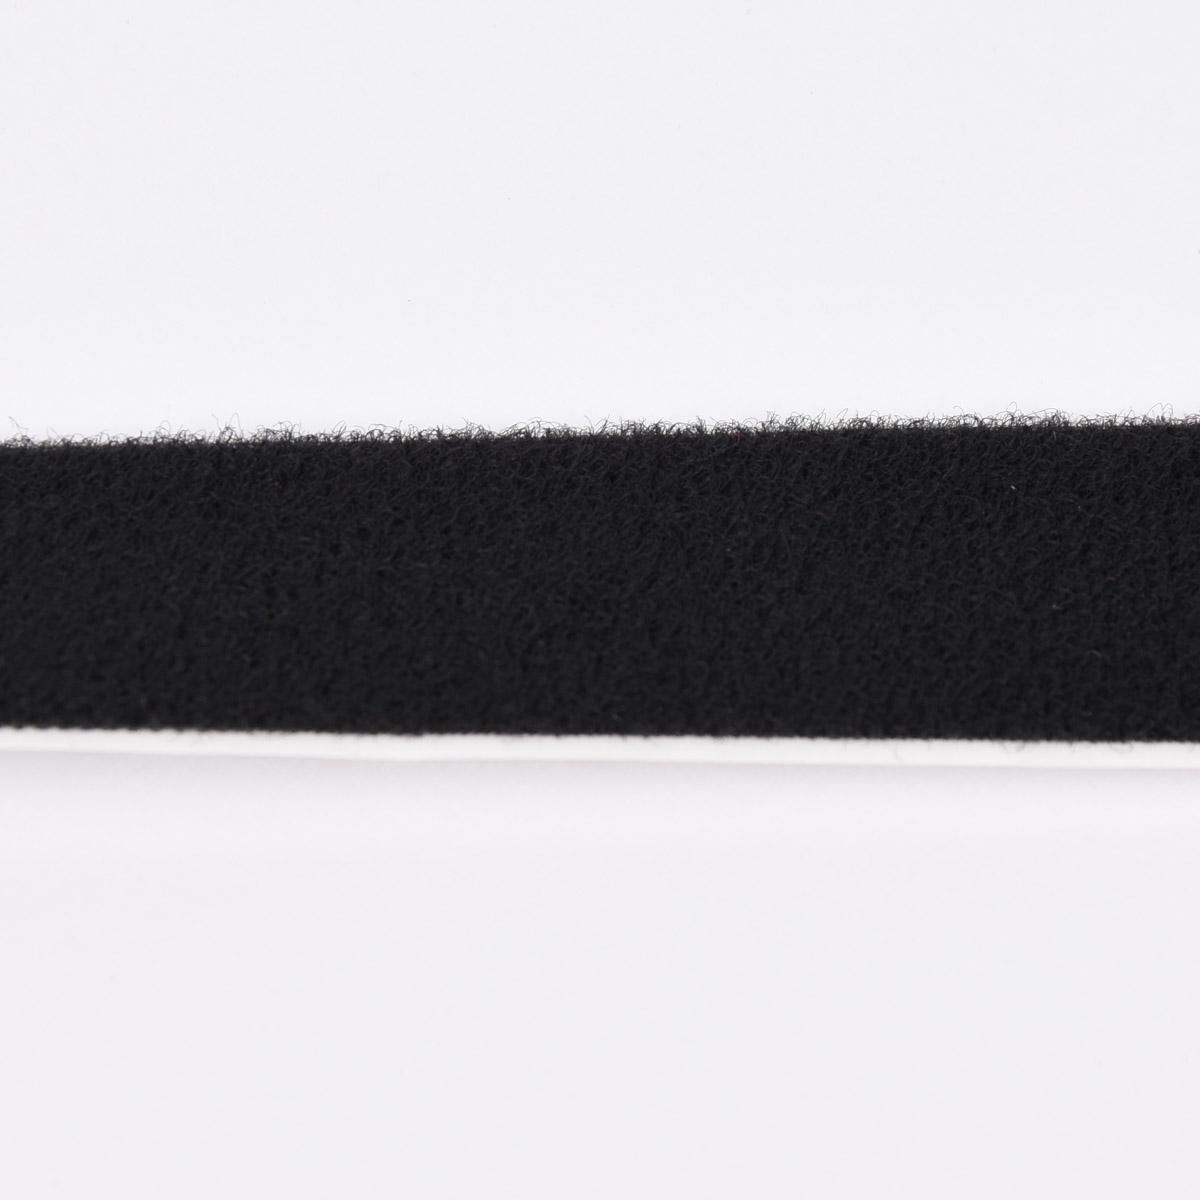 Flauschband Klettband Gardinenband selbstklebend schwarz Breite 20mm